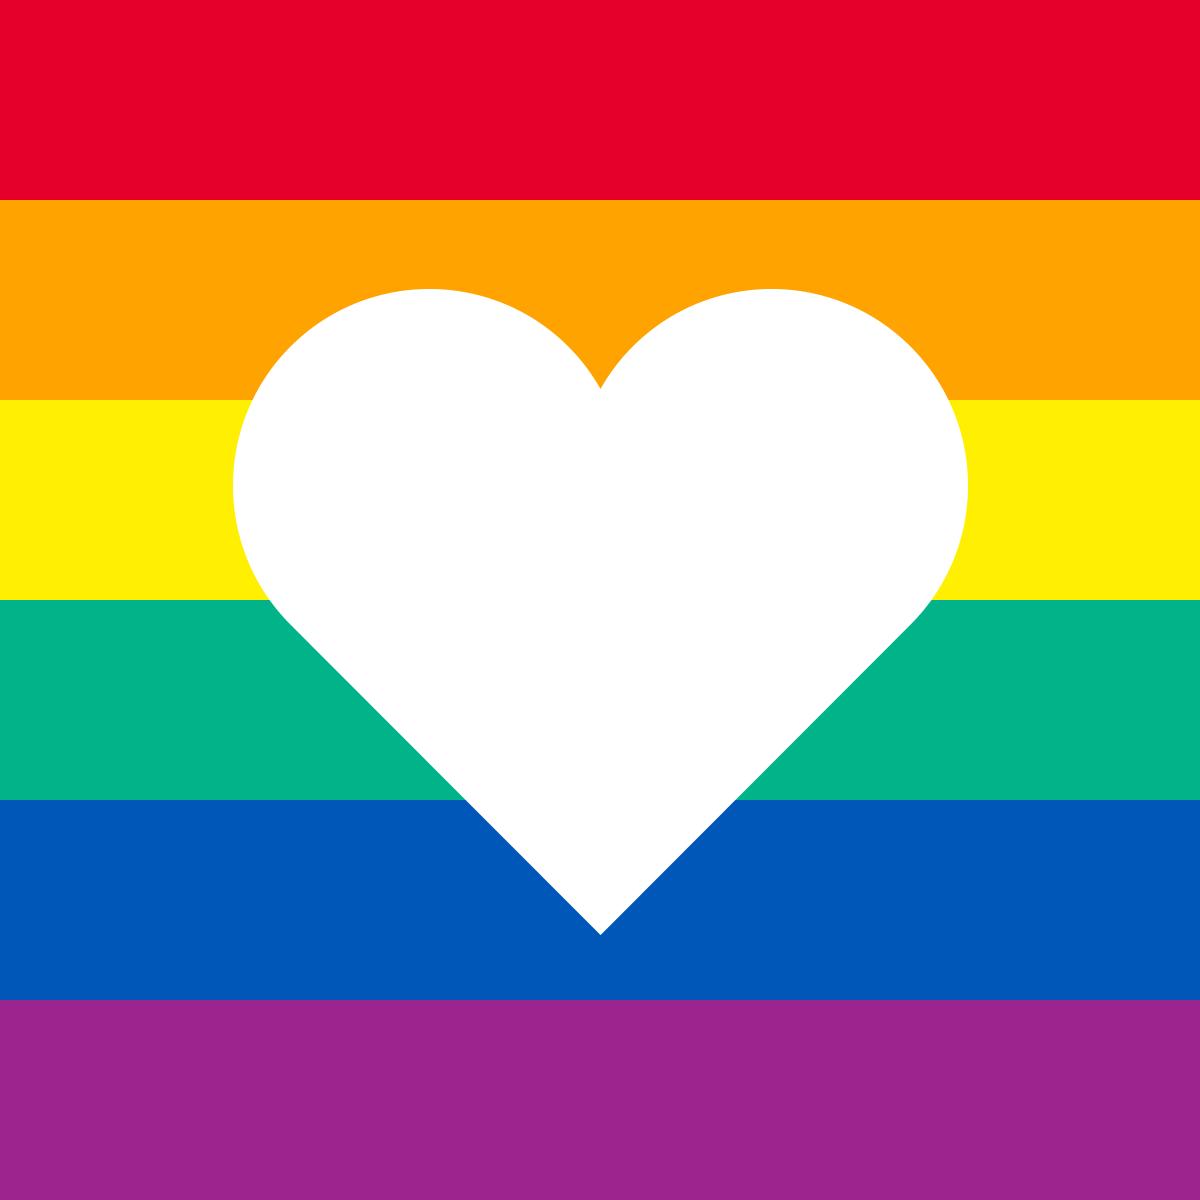 LGBTQ Heart